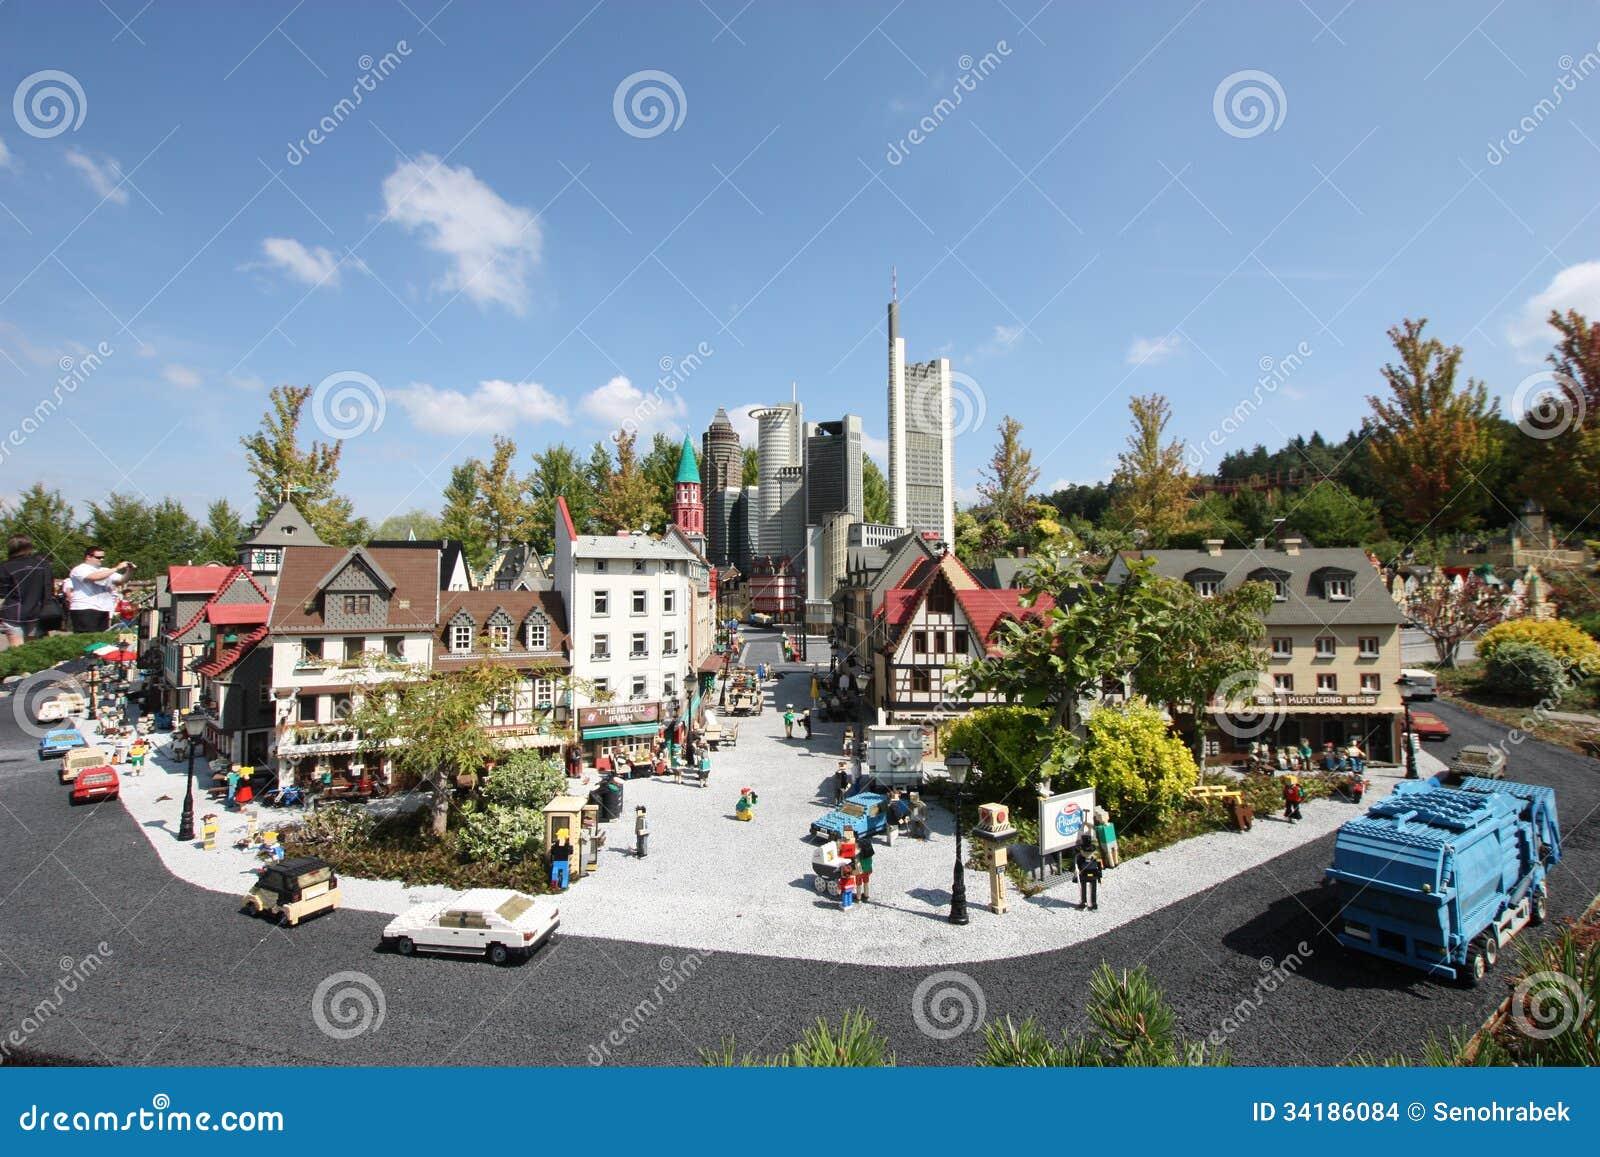 Gunzburg Germany  City pictures : GUNZBURG, GERMANY AUGUST 22: Miniland at Legoland Deutschland Resort ...